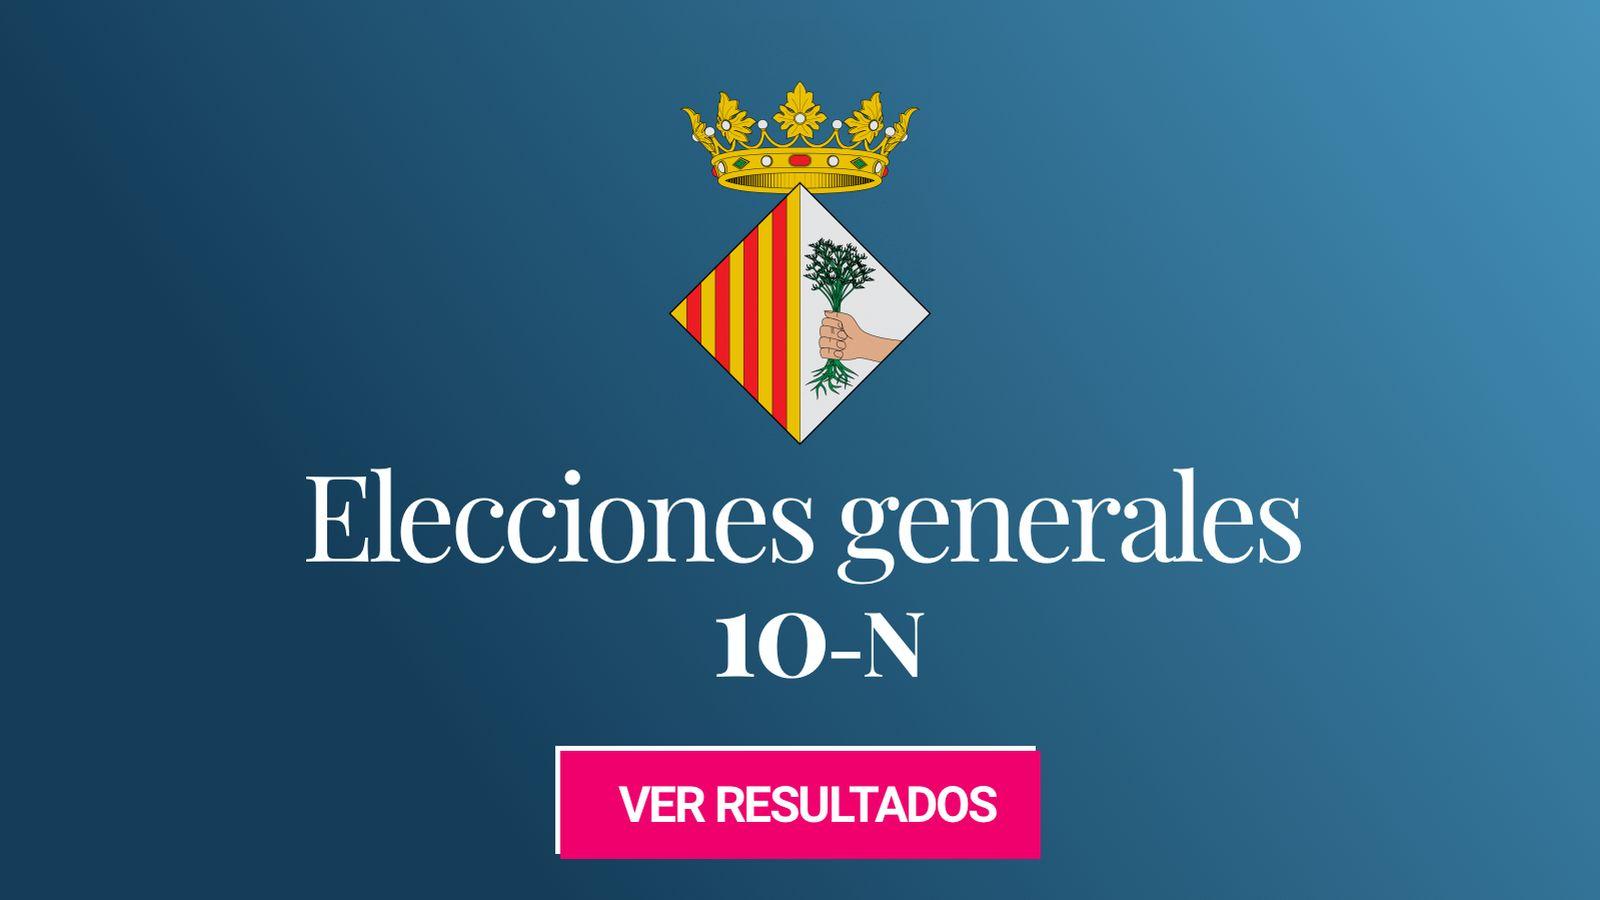 Foto: Elecciones generales 2019 en Mataró. (C.C./EC)